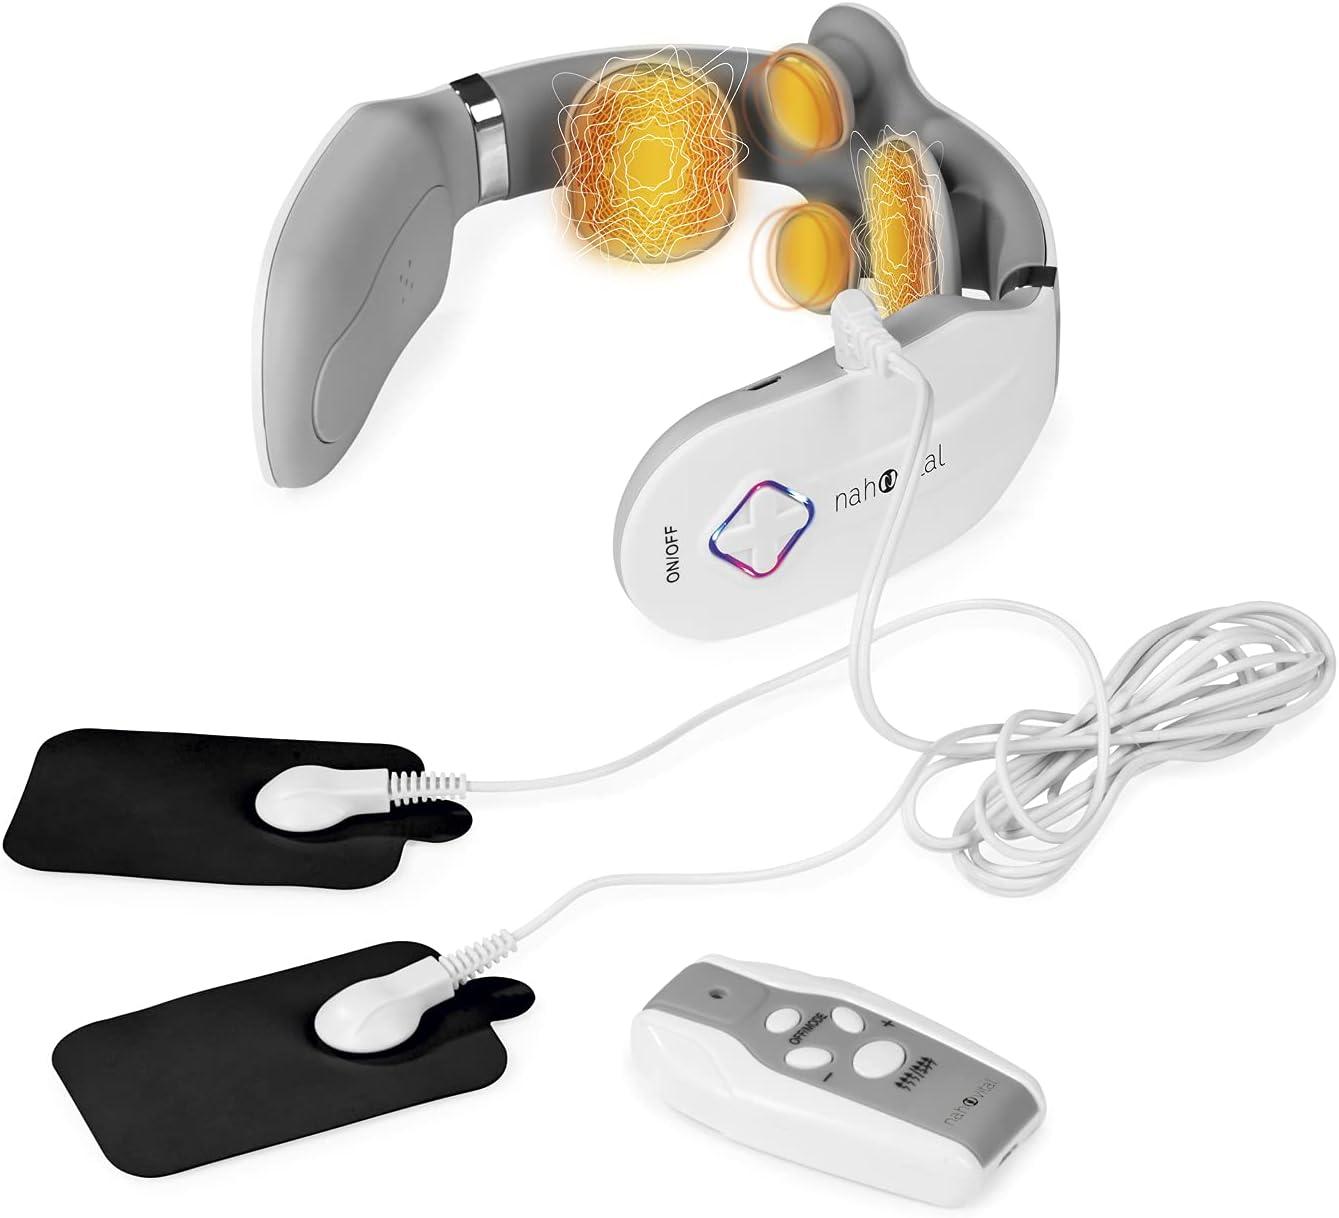 nah-vital® masajeador de cuello con 4 cabezales de masaje y almohadillas EMS adicionales | Función de calor adicional y mando a distancia incluidos | Para aflojar, relajar y regenerar los músculos